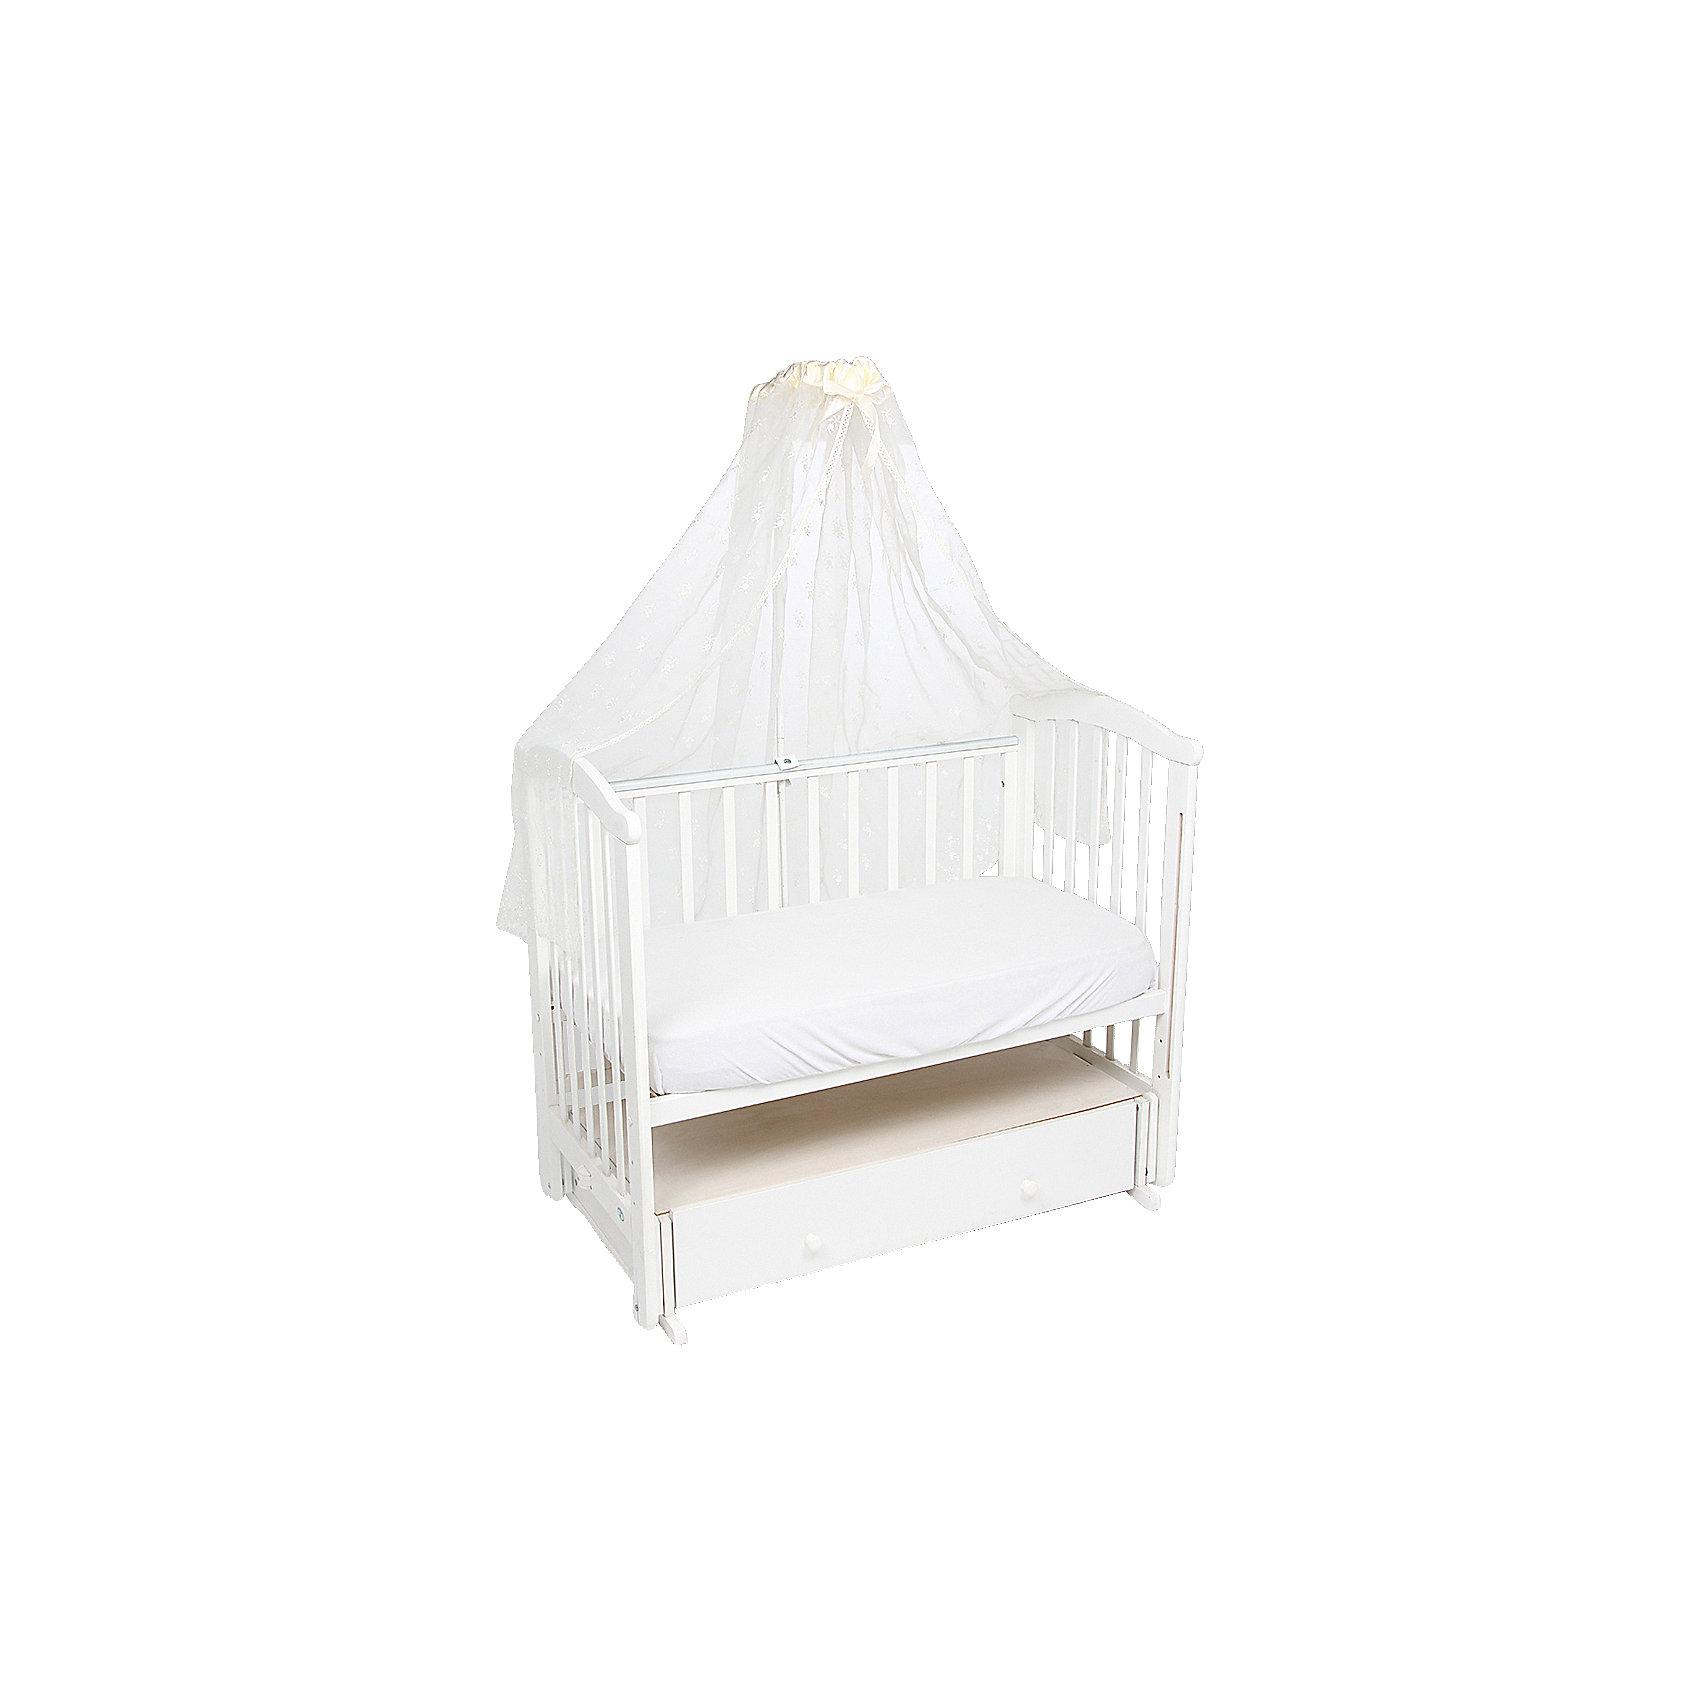 Балдахин Leader kids, молочныйПостельное белье в кроватку новорождённого<br>Балдахин Leader kids, молочный предназначен для создания уютной атмосферы во время сна ребенка в кроватке. Защищает ребенка от насекомых. Балдахин изготовлен из полиэстера высокого качества с элементами из хлопка. Изделие легкое в уходе, разрешается стирка и глажение.<br>Балдахин в кроватку, Leader kids, молочный обеспечит ребенку крепкий и здоровый. Держатель для балдахина не входит в комплект.<br><br>Дополнительная информация:<br><br>- Предназначение: для детской кроватки<br>- Материал: полиэстер, хлопок<br>- Пол: для девочки/для мальчика<br>- Цвет: молочный<br>- Размеры (Д*Ш*В): 35*25*2 см<br>- Вес: 300 г<br>- Особенности ухода: разрешается стирка при температуре не более 40 градусов<br><br>Подробнее:<br><br>• Для детей в возрасте от 0 месяцев и до 3 лет<br>• Страна производитель: Россия<br>• Торговый бренд: Leader kids<br><br>Балдахин Leader kids, молочный можно купить в нашем интернет-магазине.<br><br>Ширина мм: 350<br>Глубина мм: 250<br>Высота мм: 20<br>Вес г: 2000<br>Возраст от месяцев: 0<br>Возраст до месяцев: 36<br>Пол: Унисекс<br>Возраст: Детский<br>SKU: 4904855